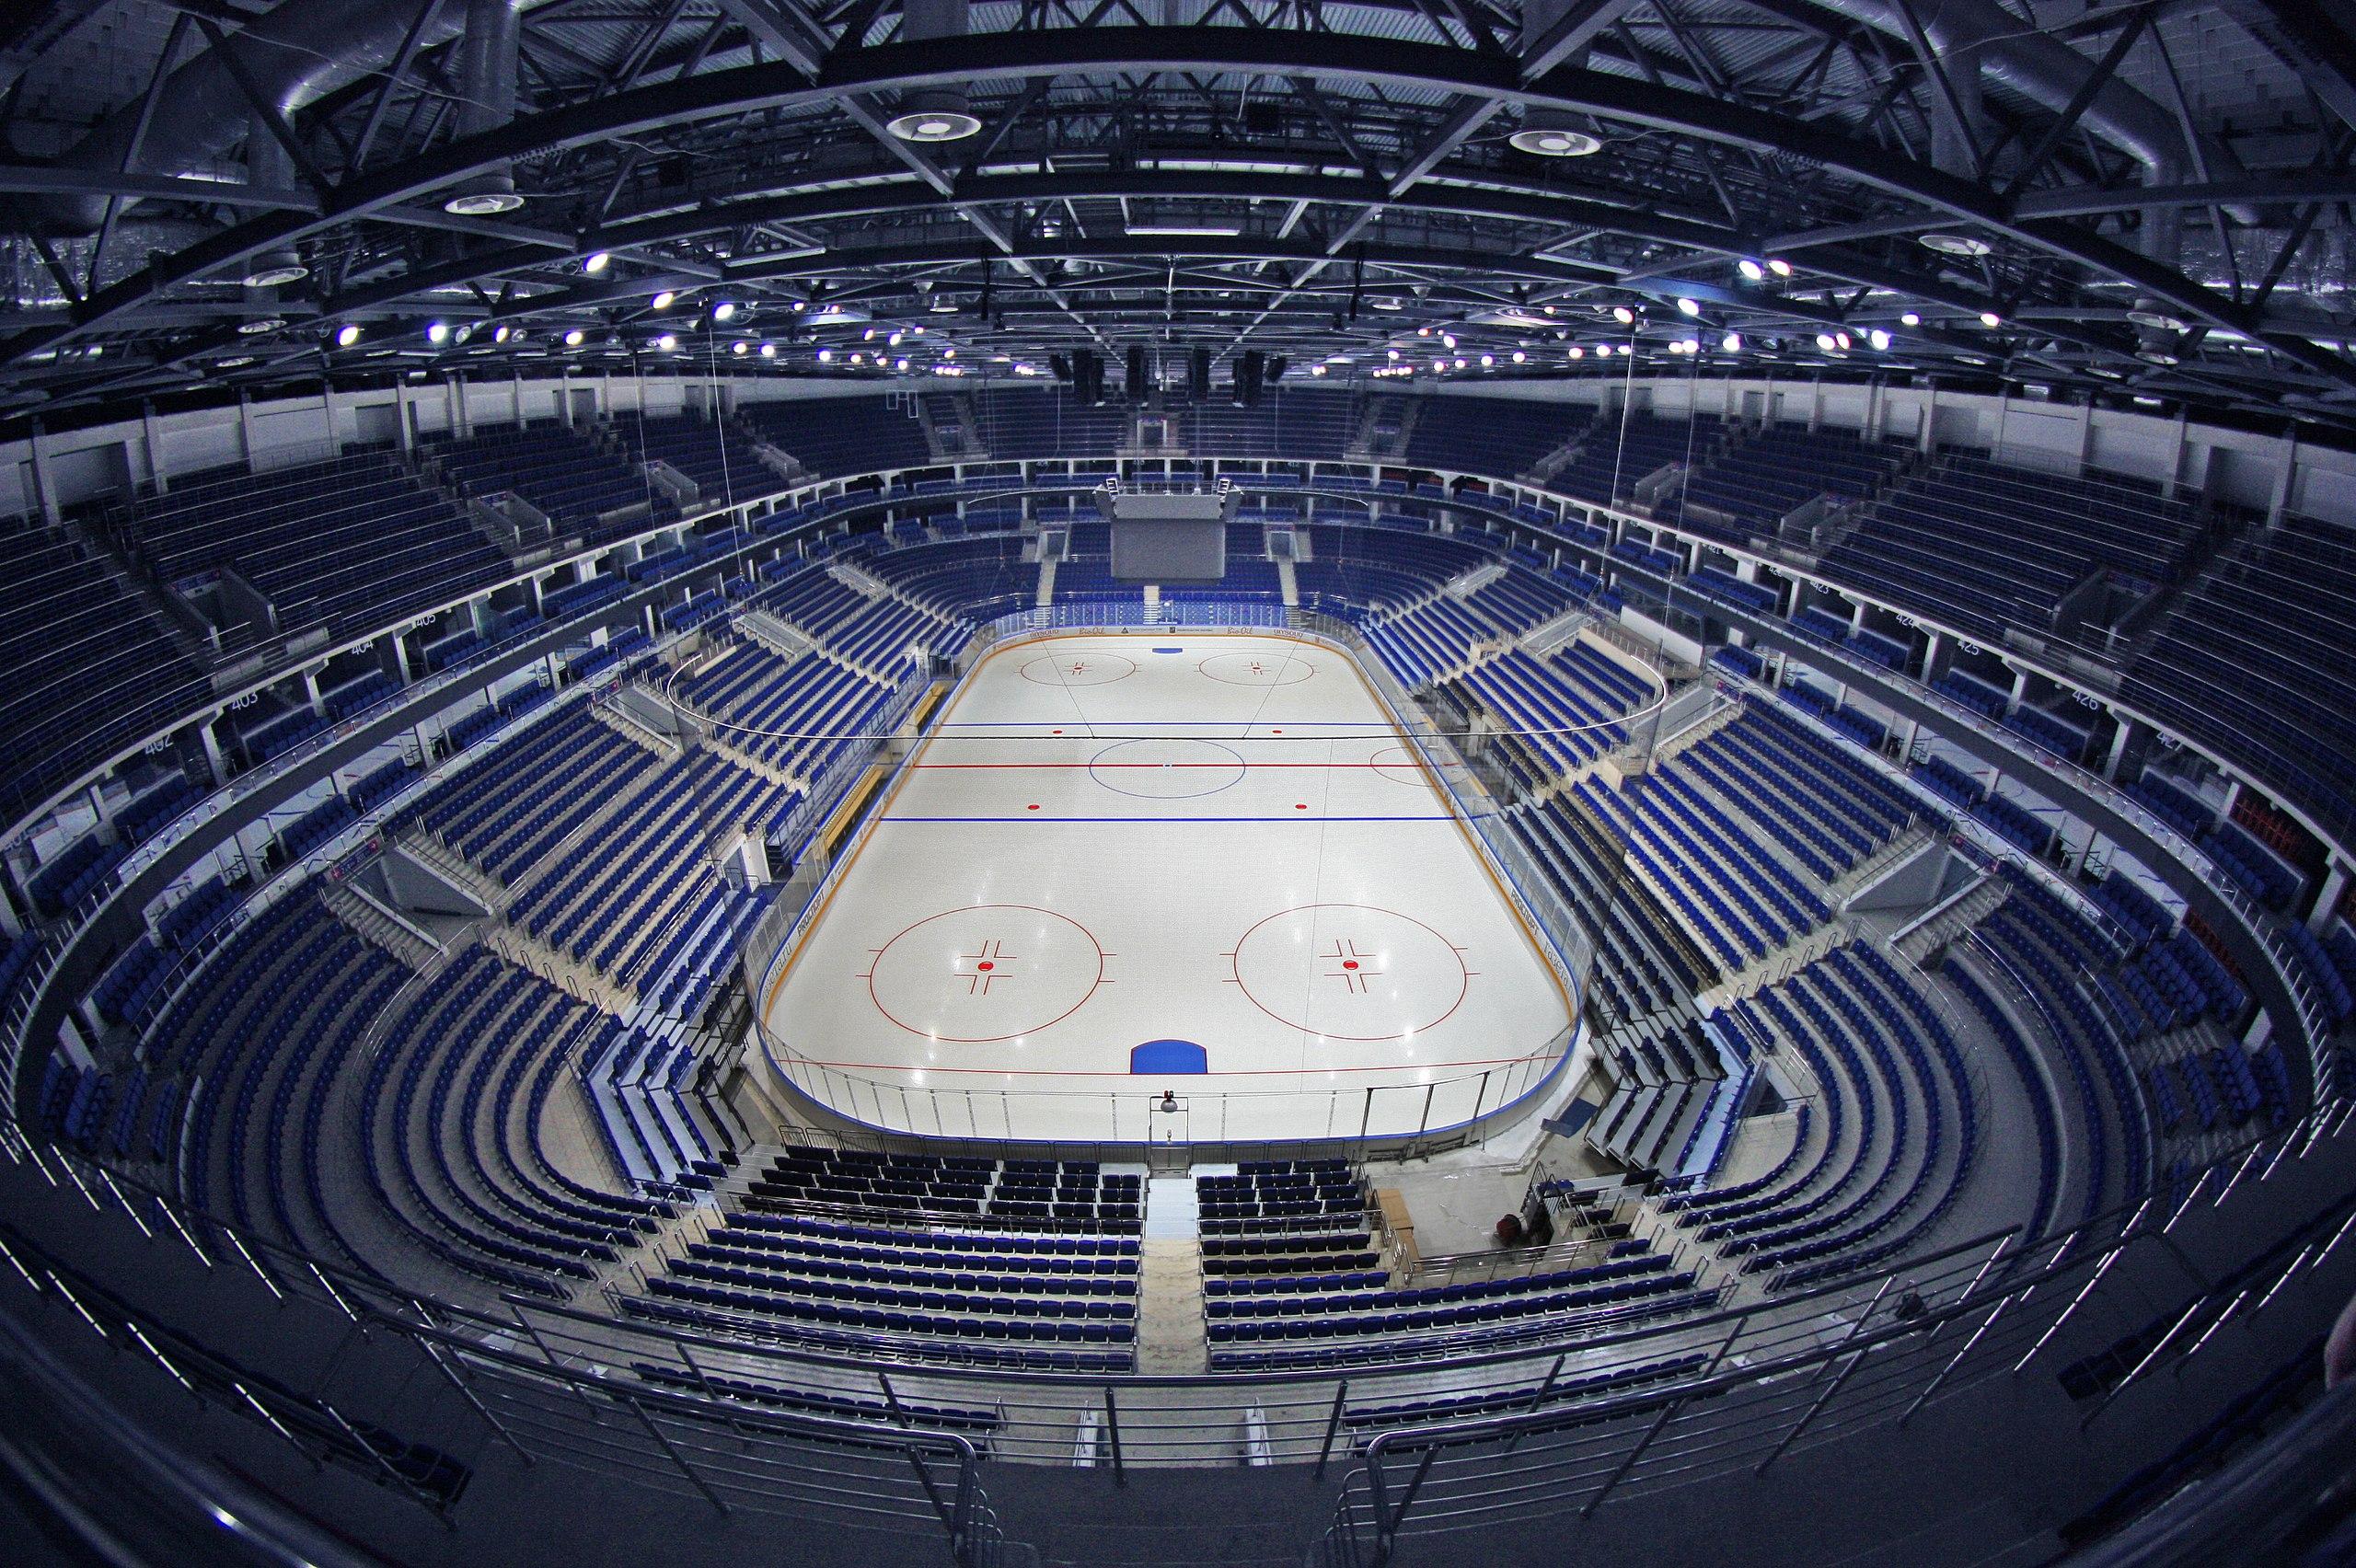 хоккейная арена схема